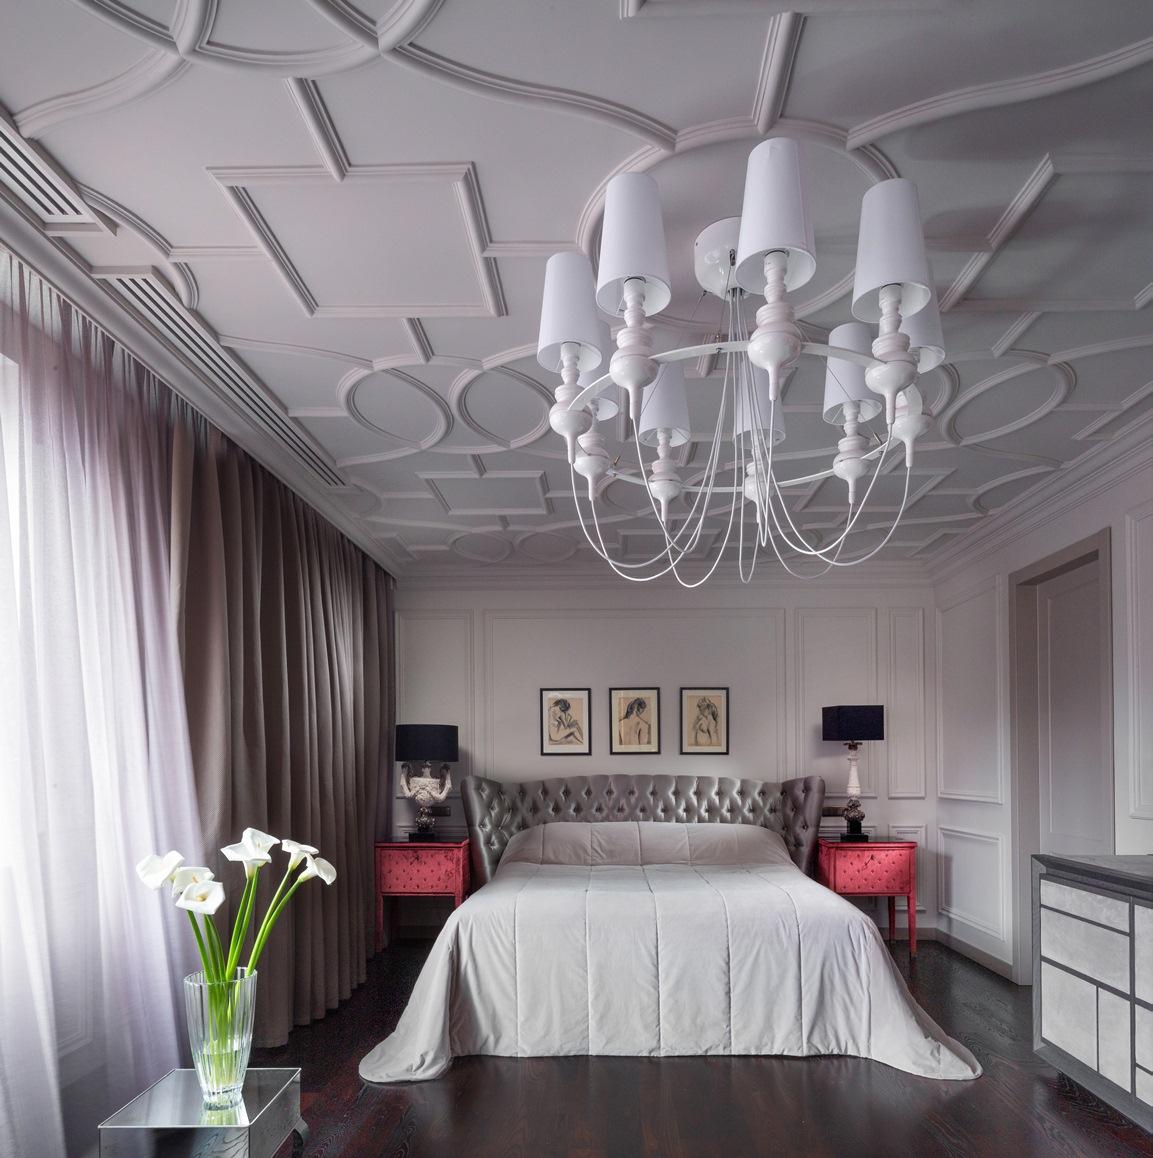 غرفة النوم الرئيسية 1 منزل فخم يجمع الديكور الكلاسيك والمودرن بشكل فني رائع